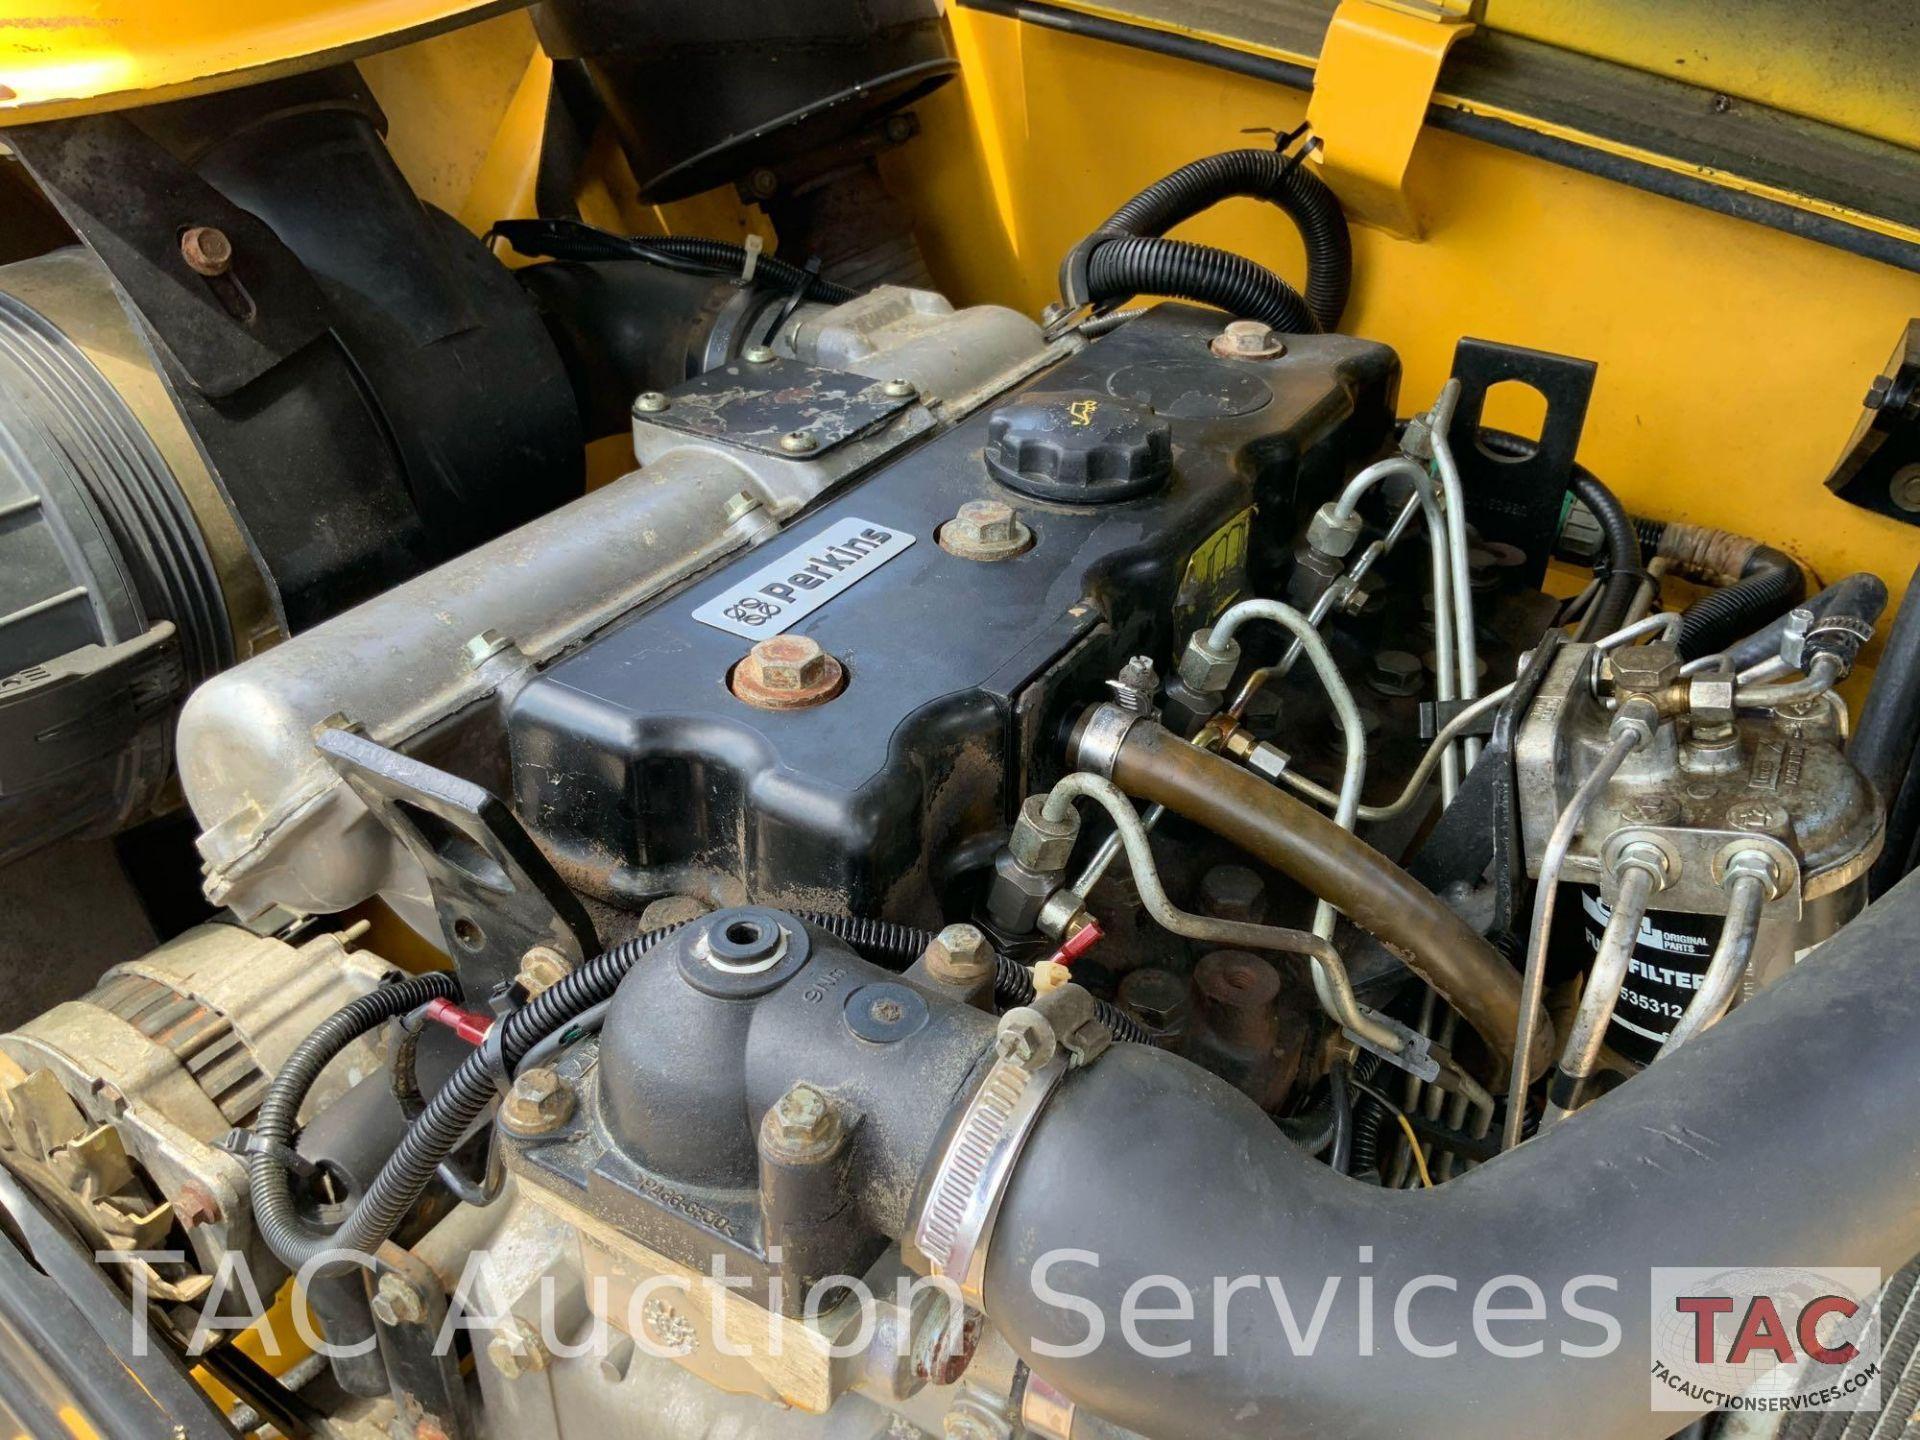 1999 New Holland LM840 Telehandler Forklift - Image 10 of 25